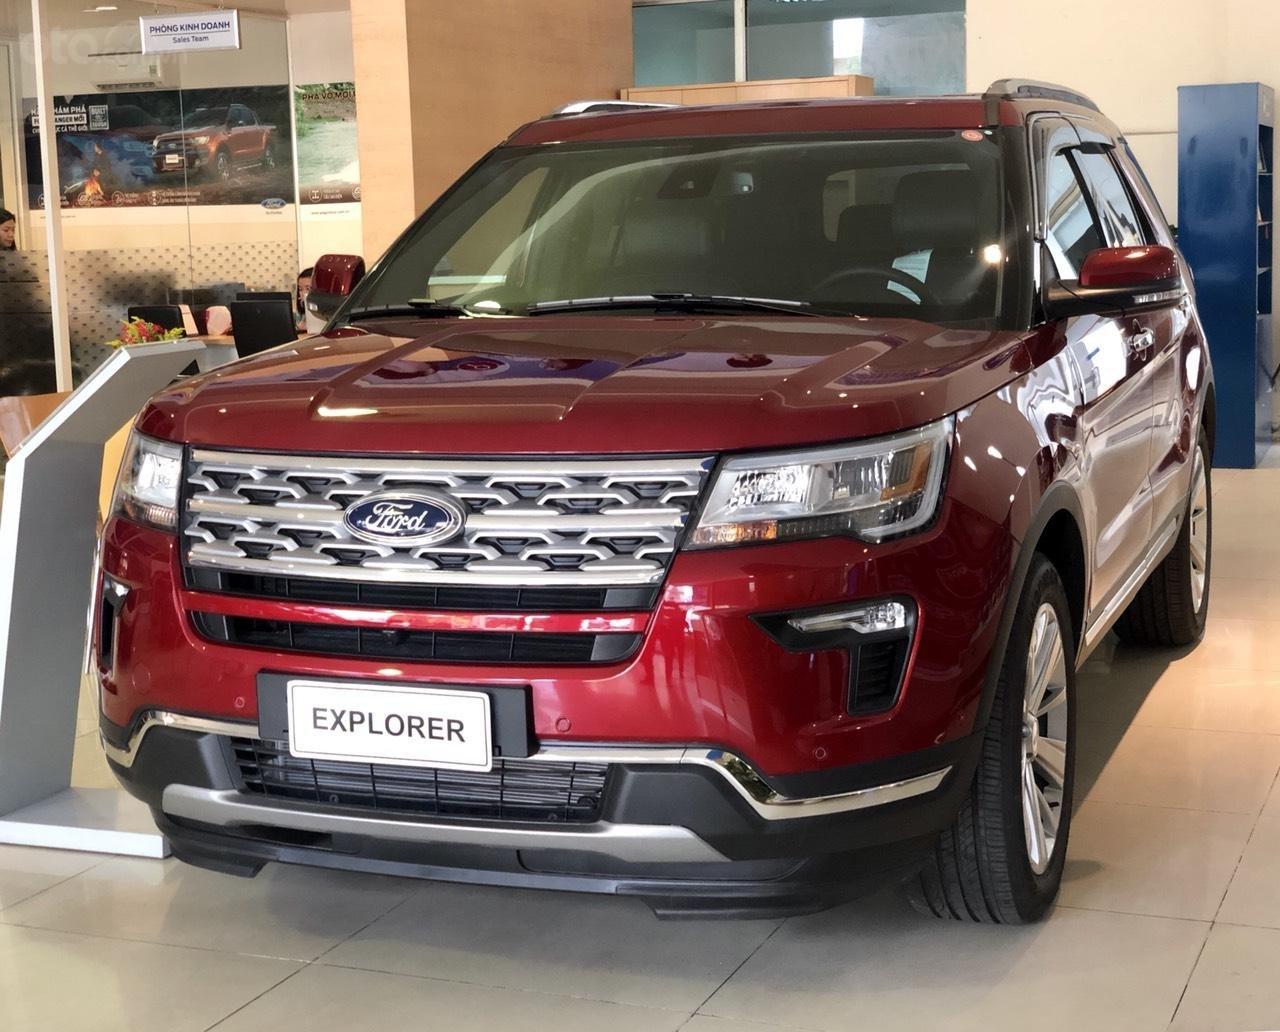 Ford Explorer Ecoboost Limited khuyến mãi khủng tặng phụ kiện giá trị (1)